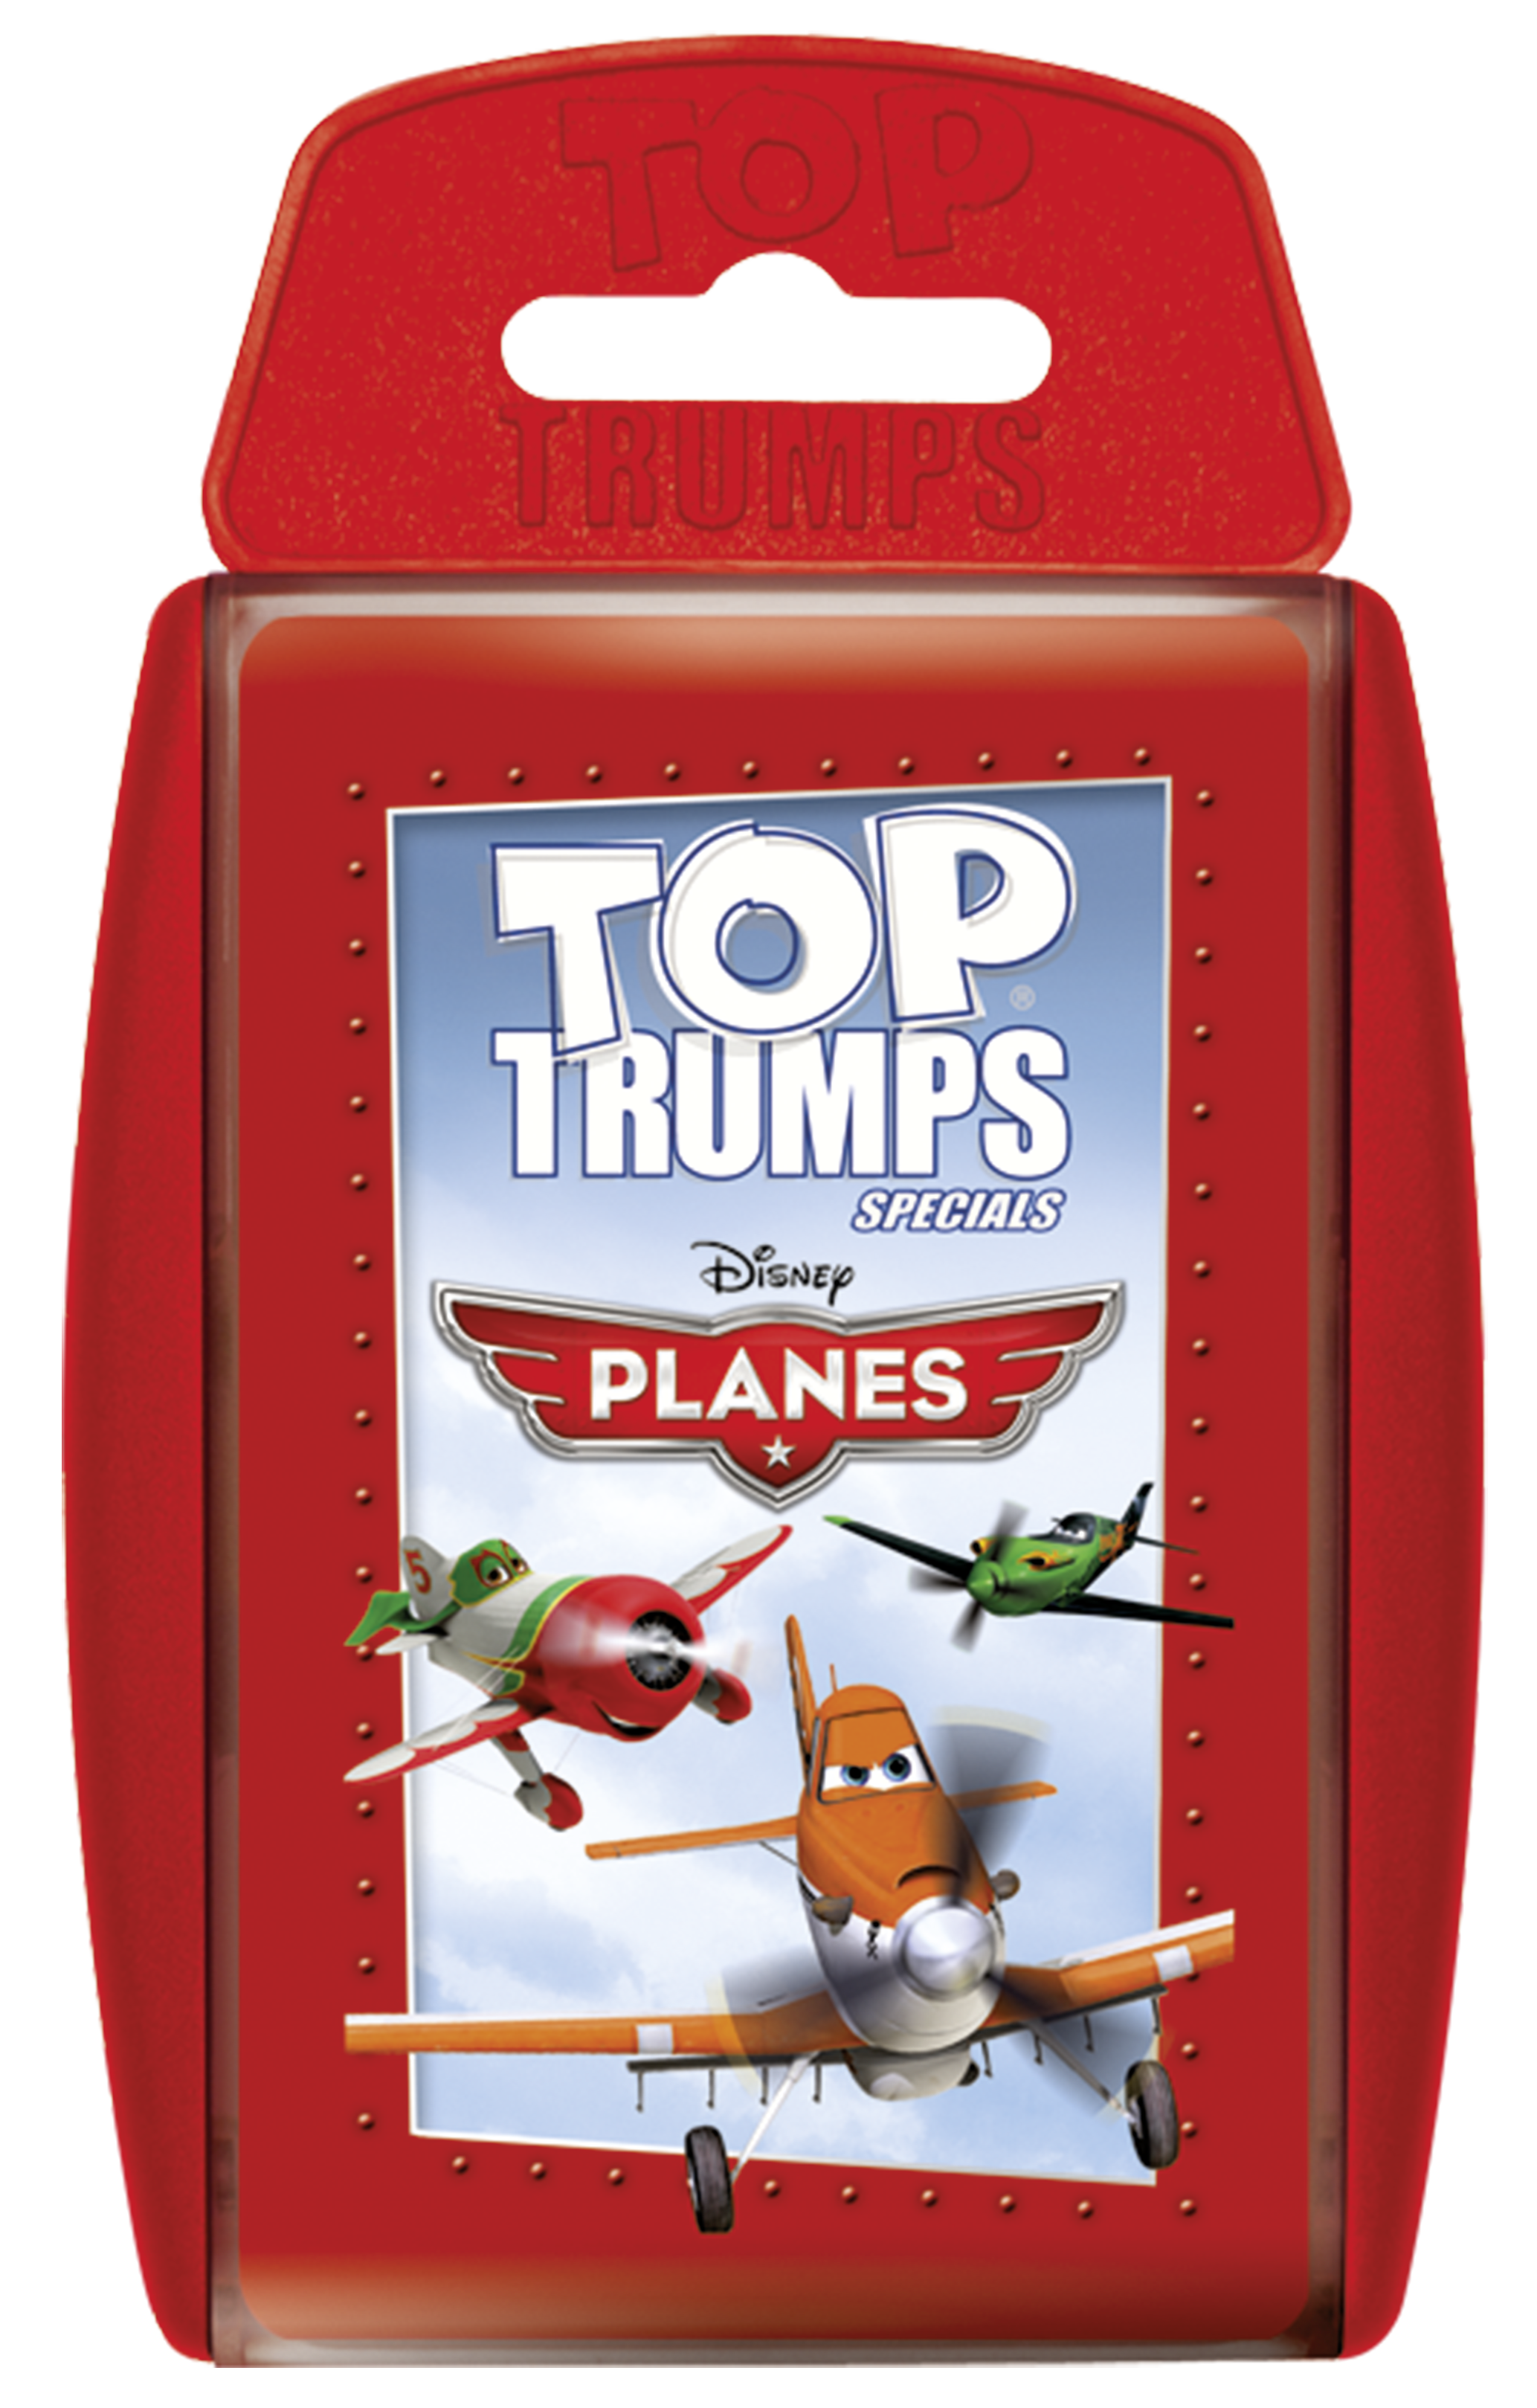 Top Trumps Disney Planes